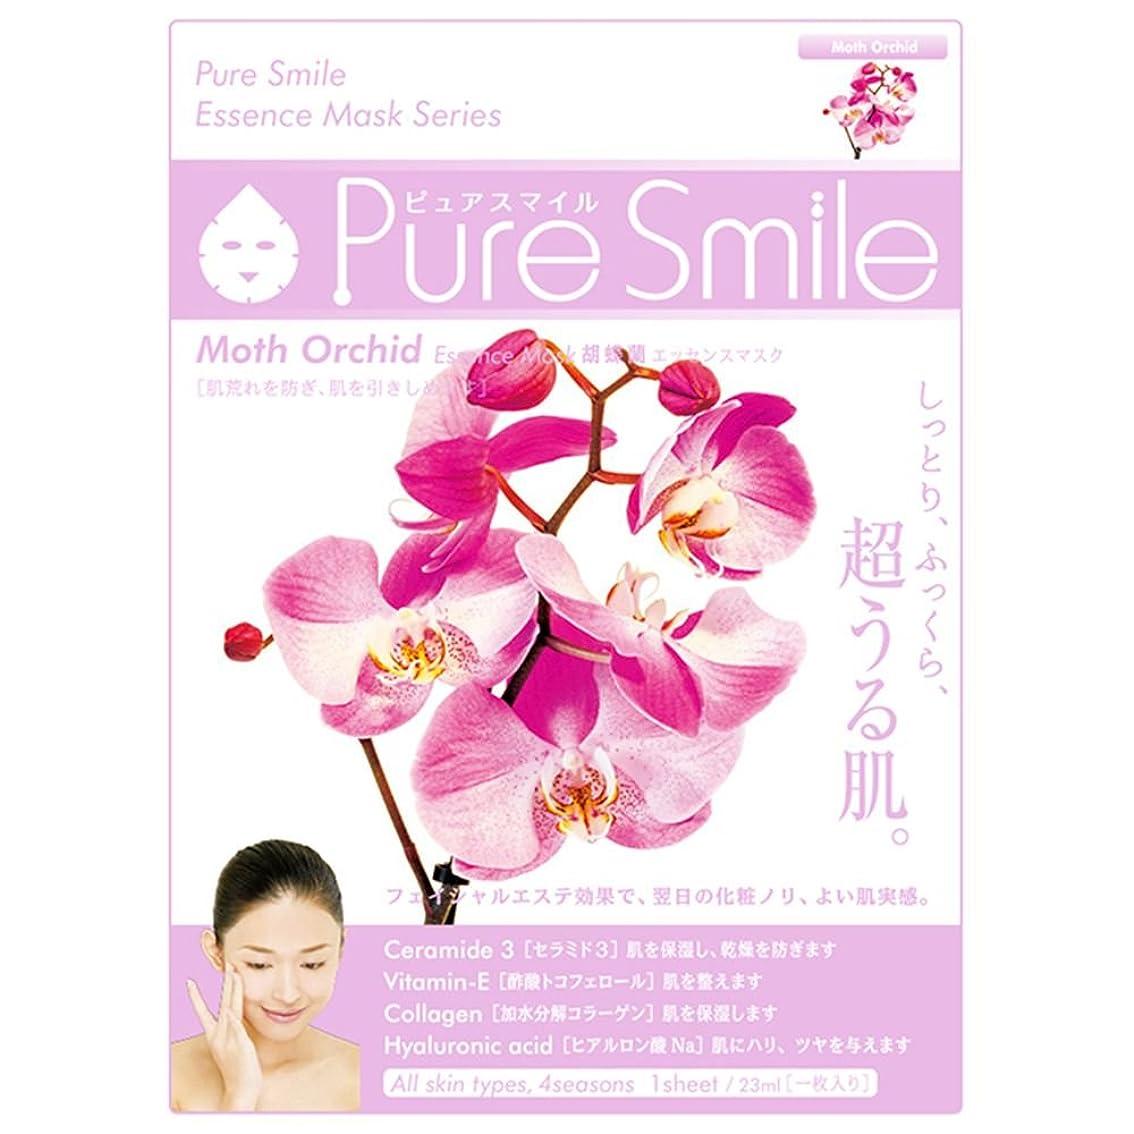 子音逃れるそれに応じてPure Smile/ピュアスマイル エッセンス/フェイスマスク 『Moth Orchid/胡蝶蘭』